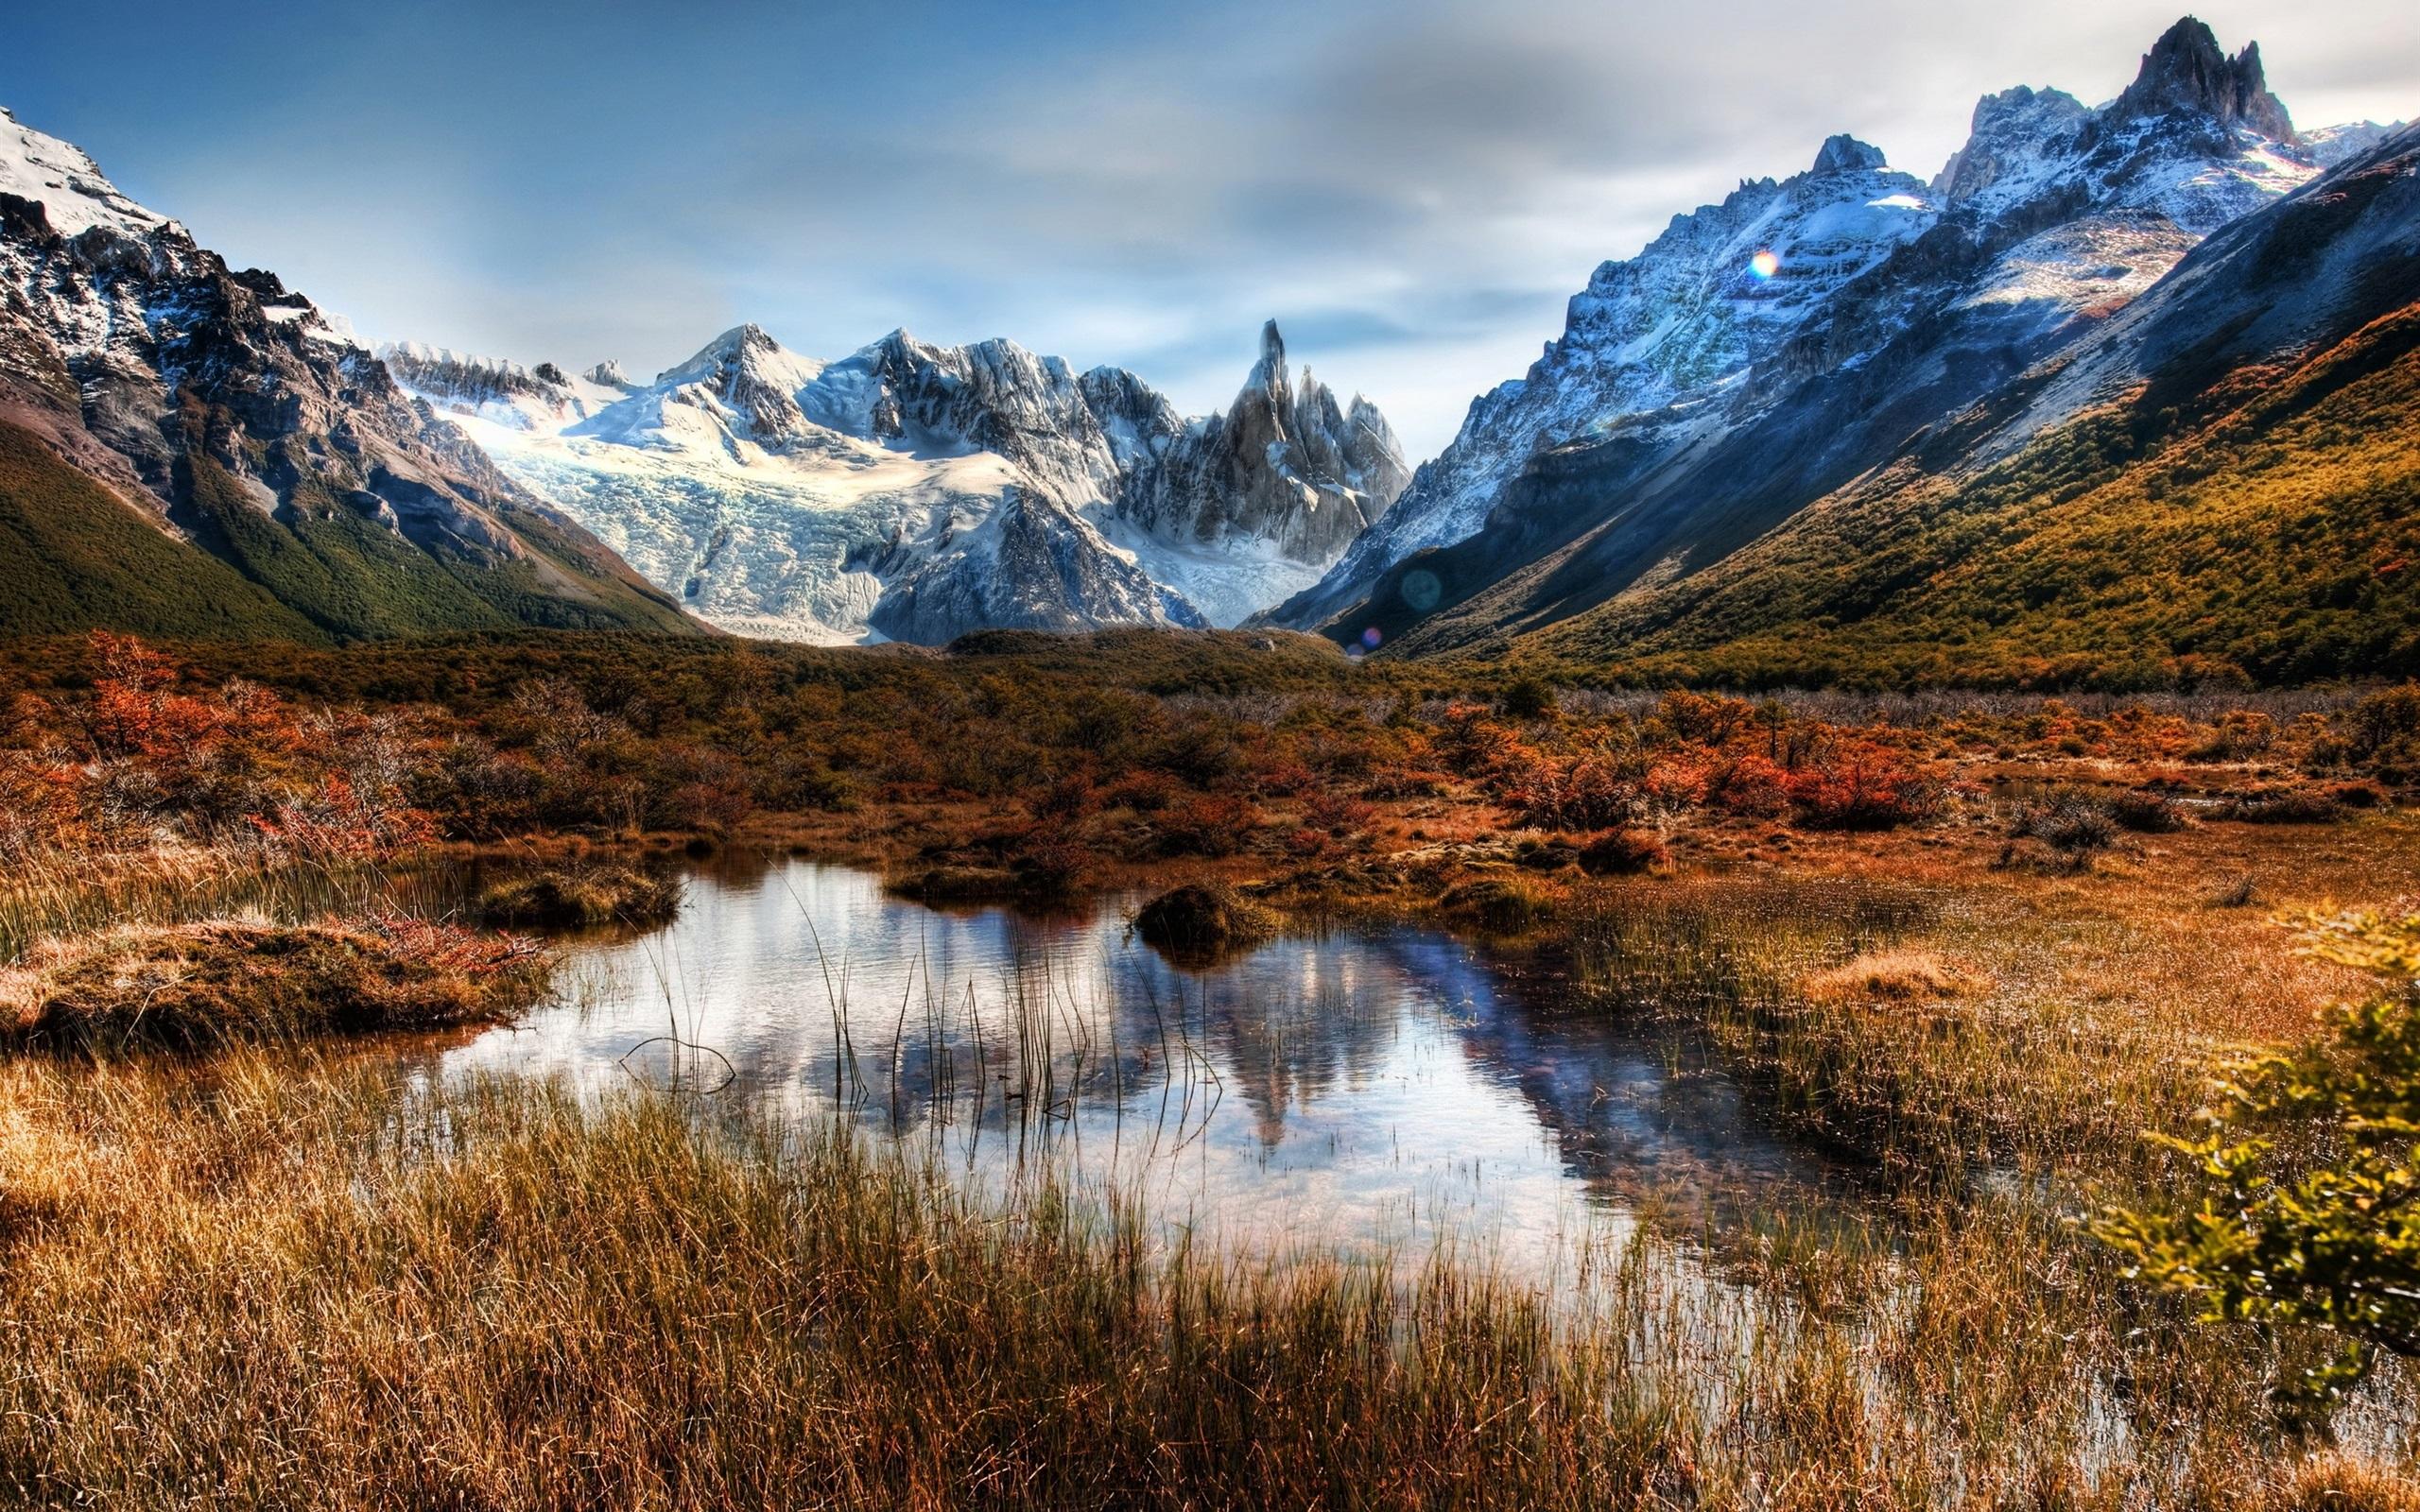 Fondo De Montañas Nevadas En Hd: Fondos De Pantalla Chile, Patagonia, Montañas, Rocas